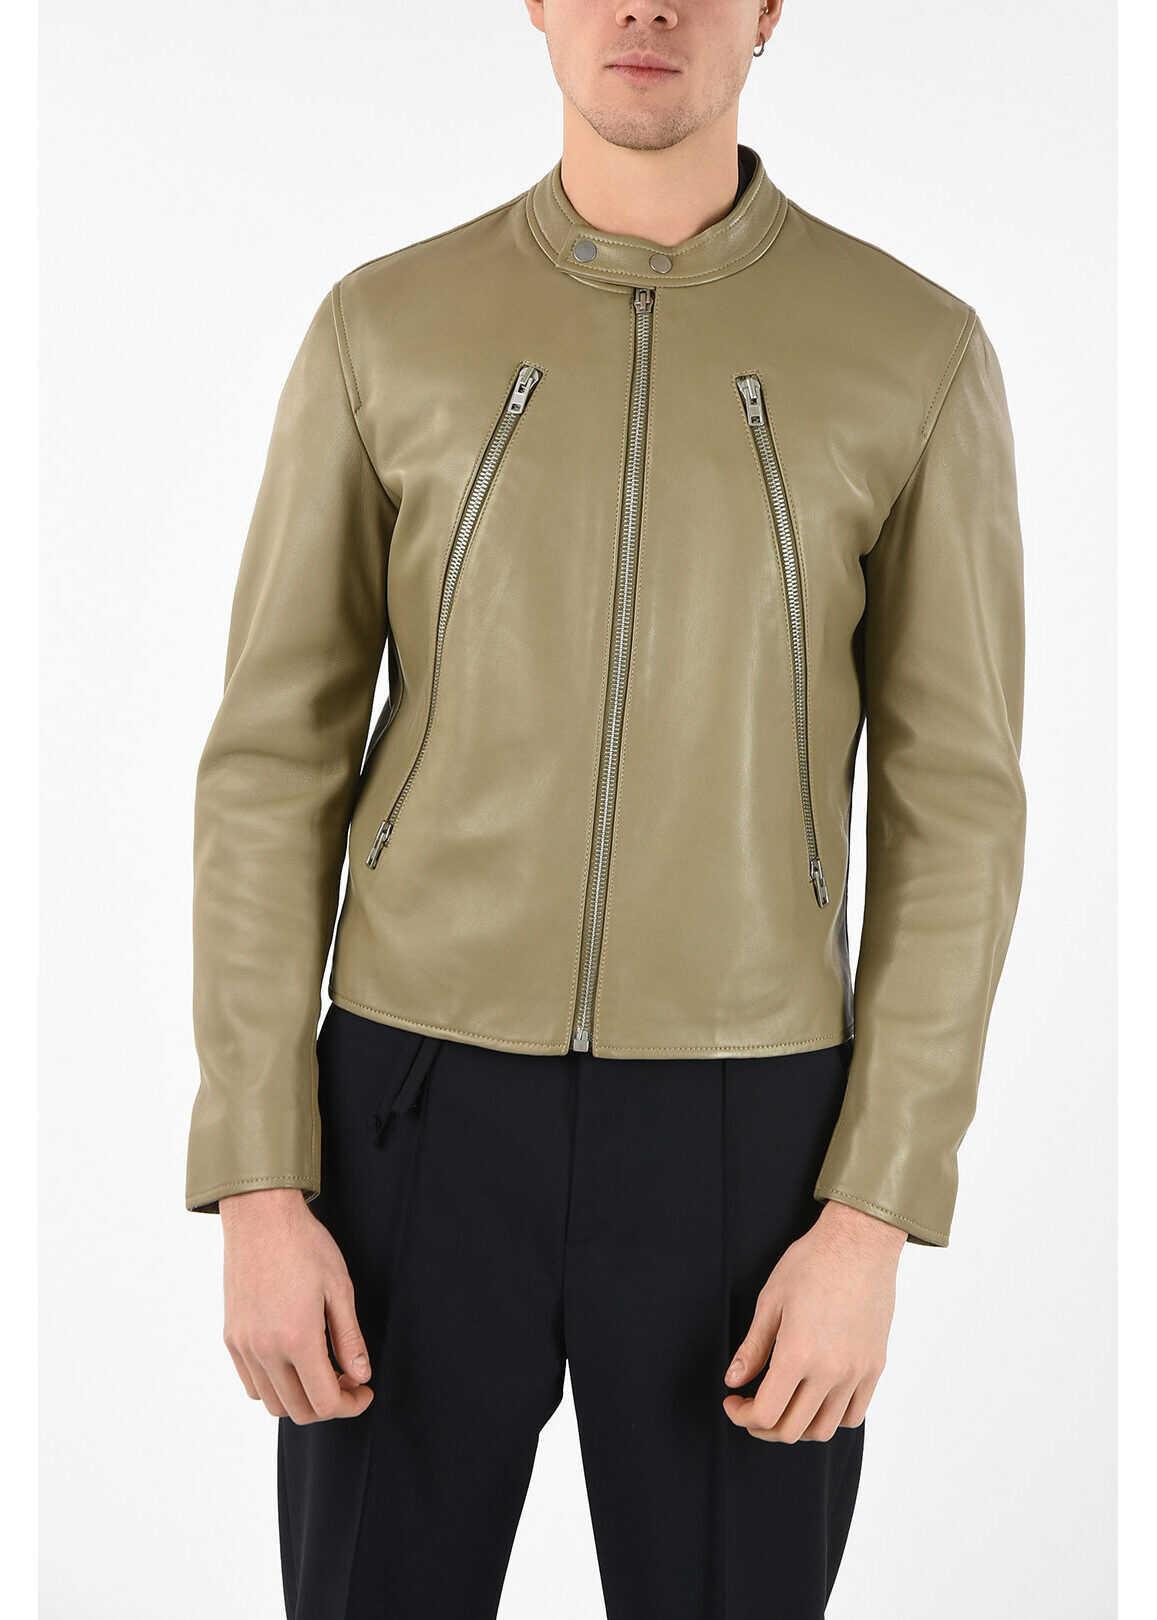 Maison Margiela MM14 Leather Jacket BEIGE imagine